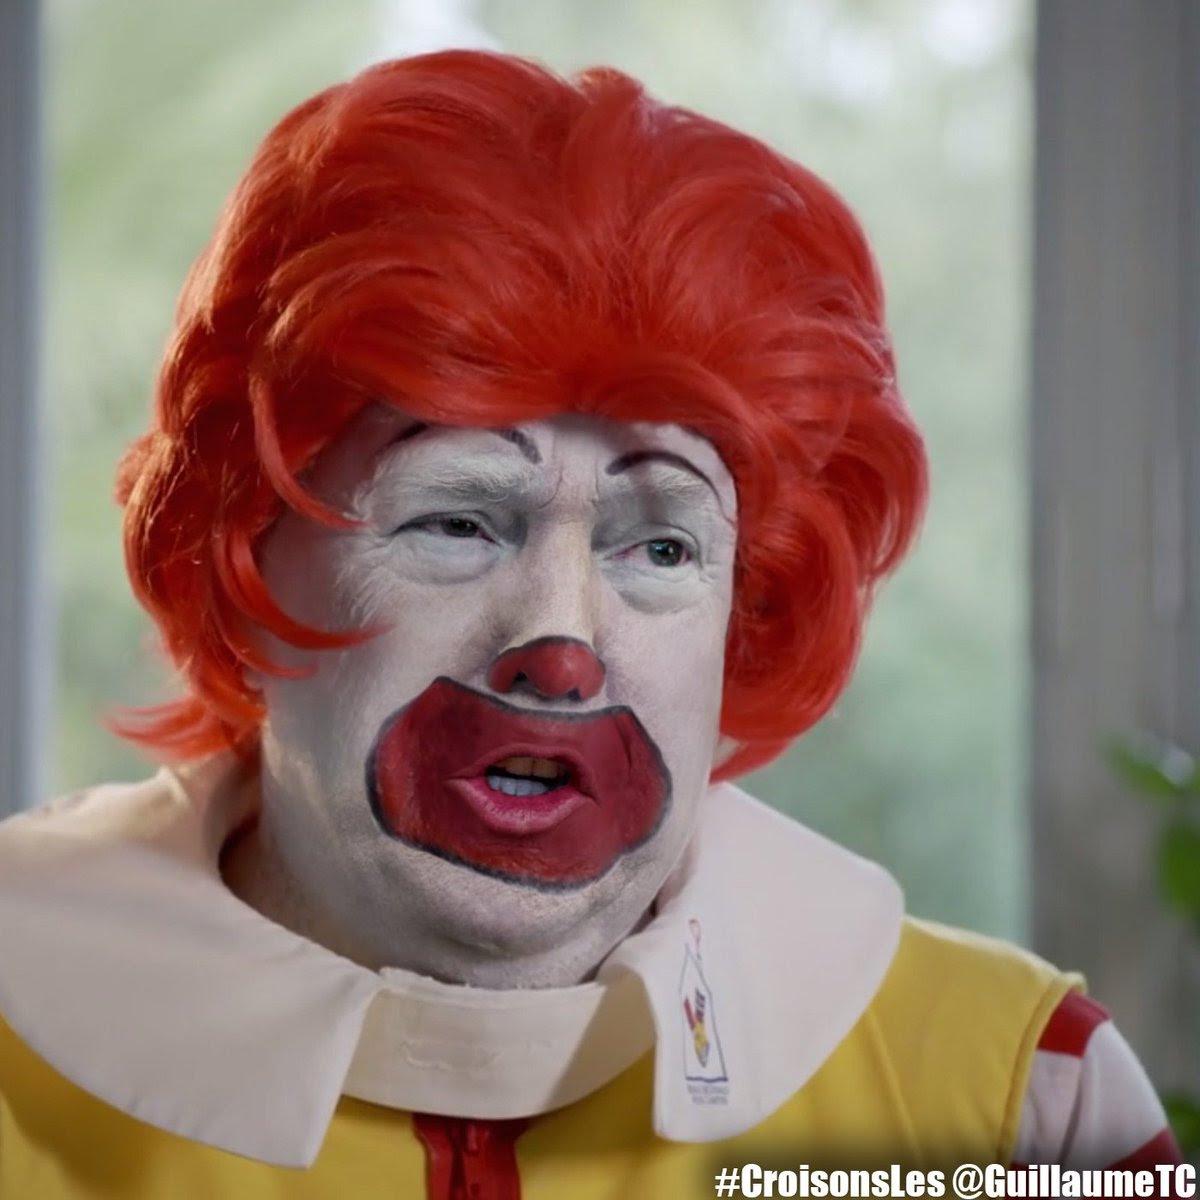 Trump as Ronald McDonald